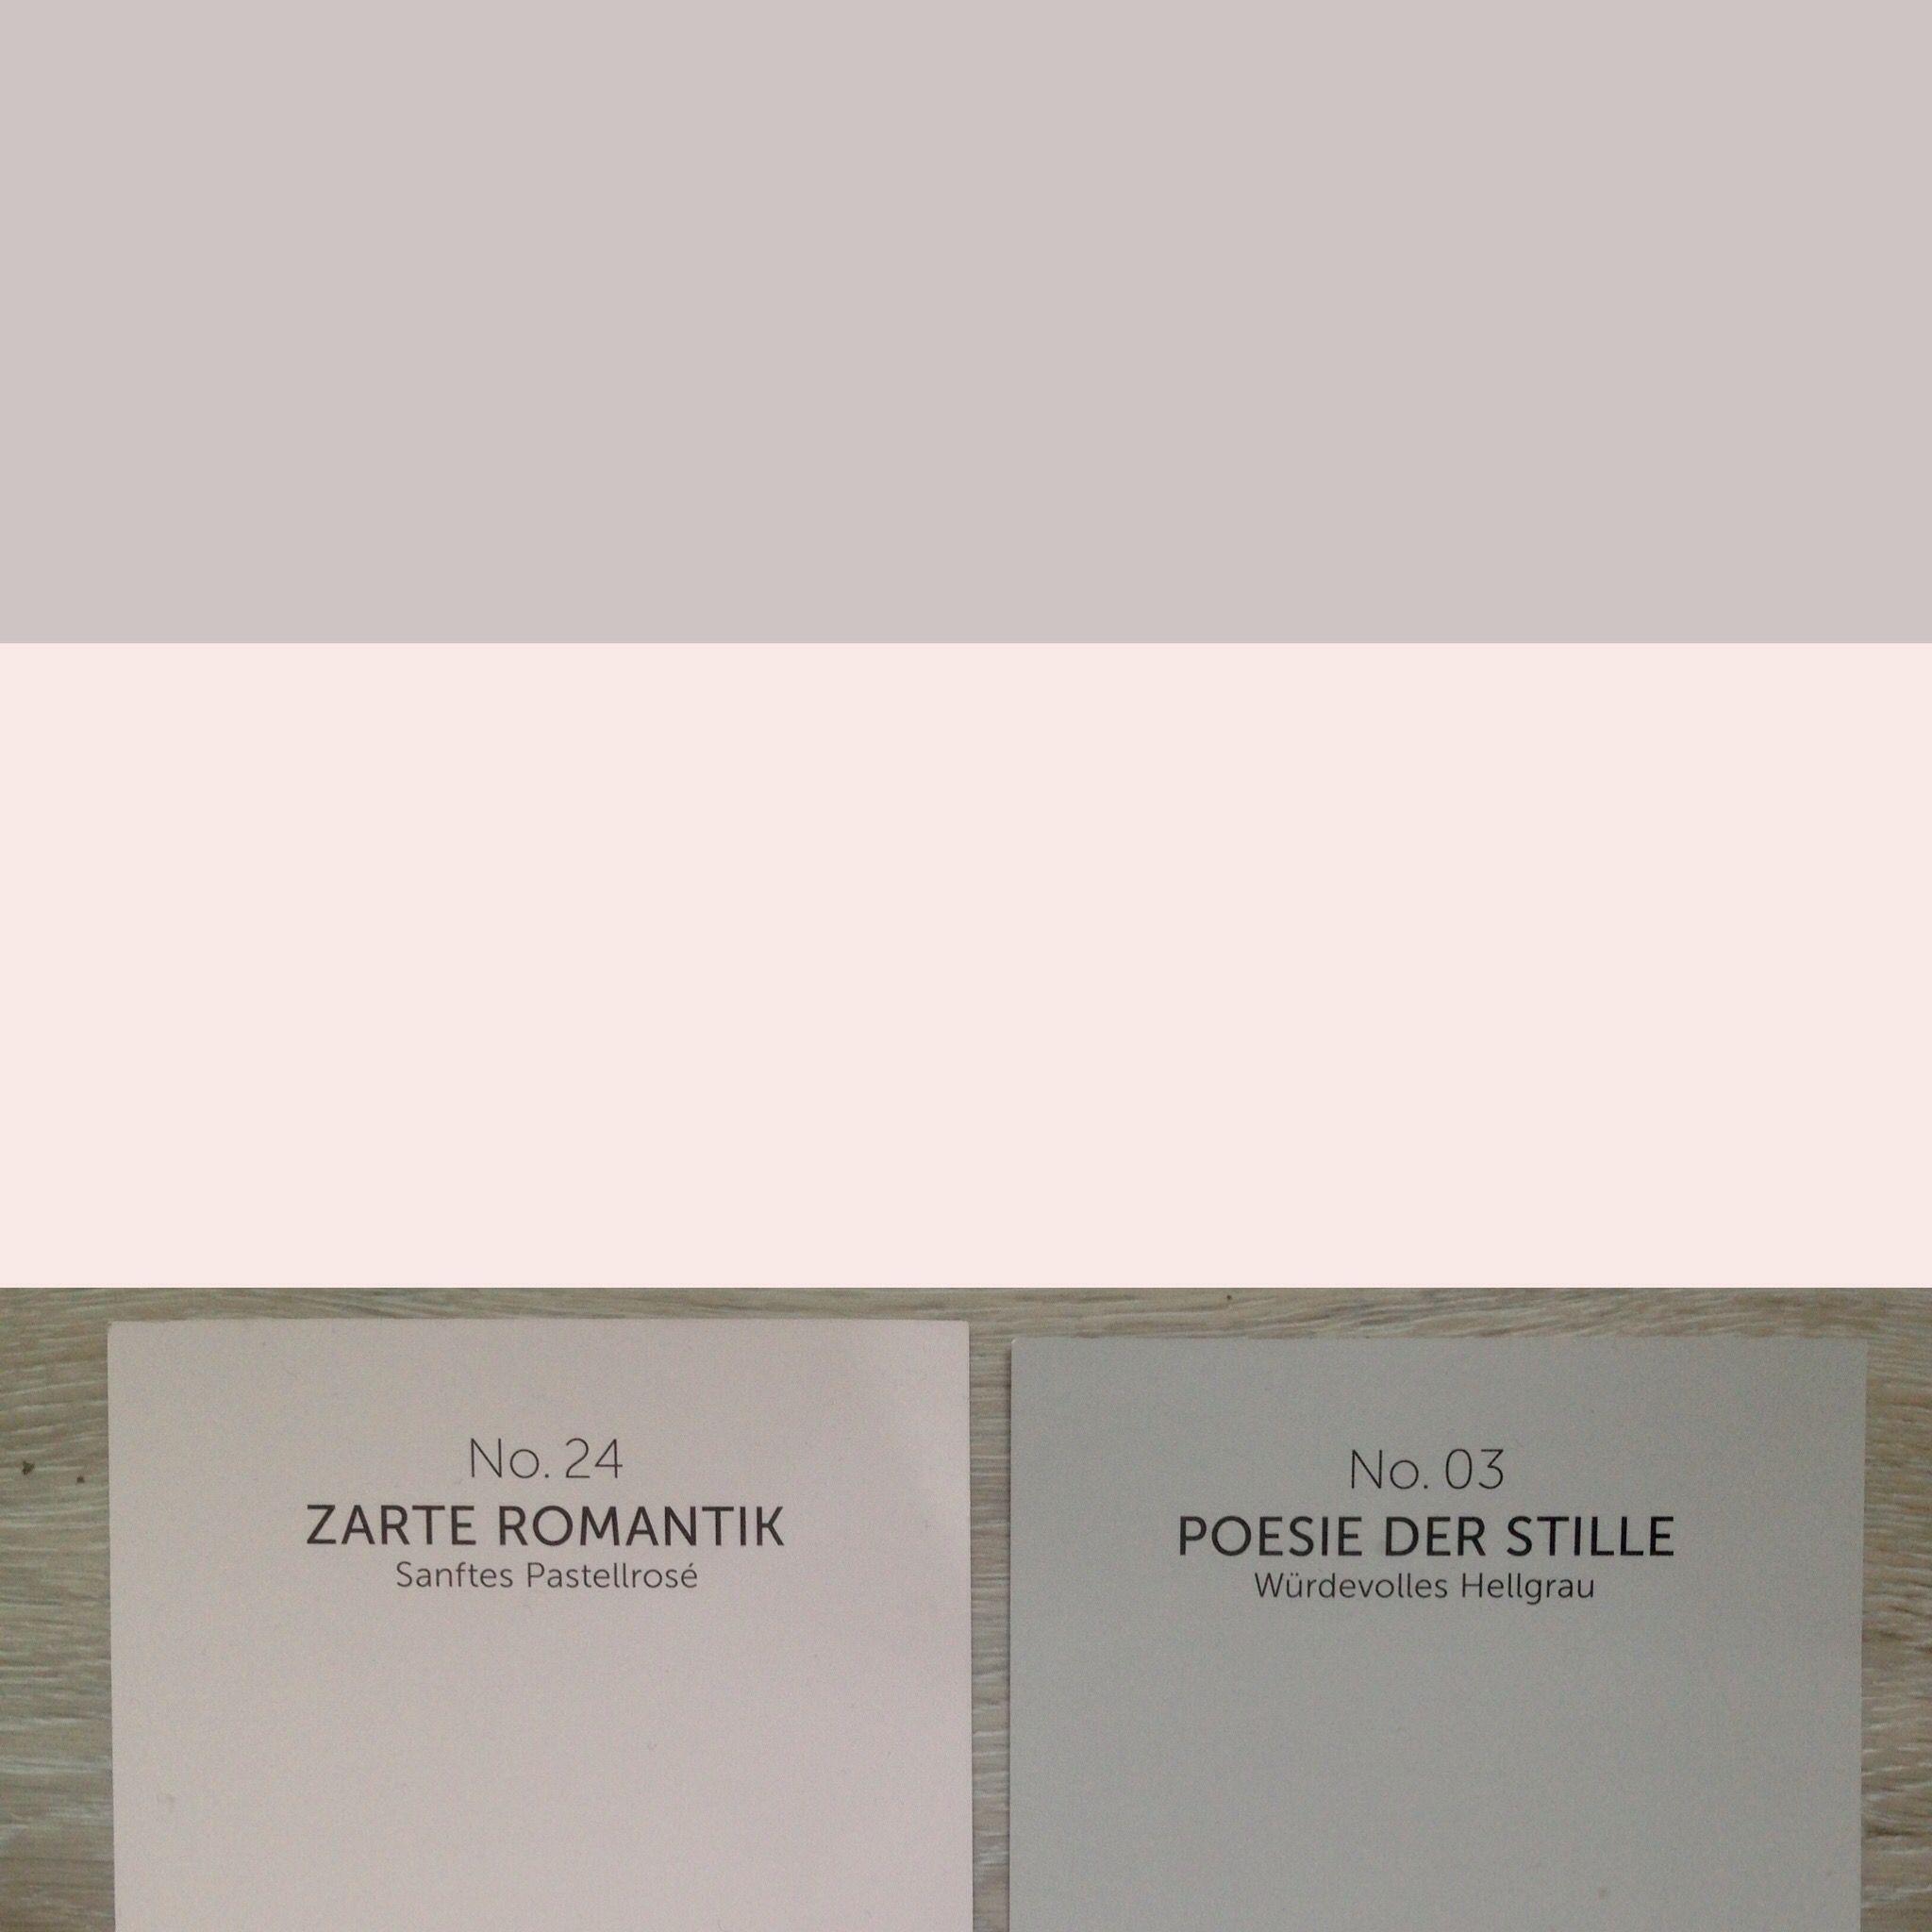 Alpina Feine Farben Poesie Der Stille Und Zarte Romantik